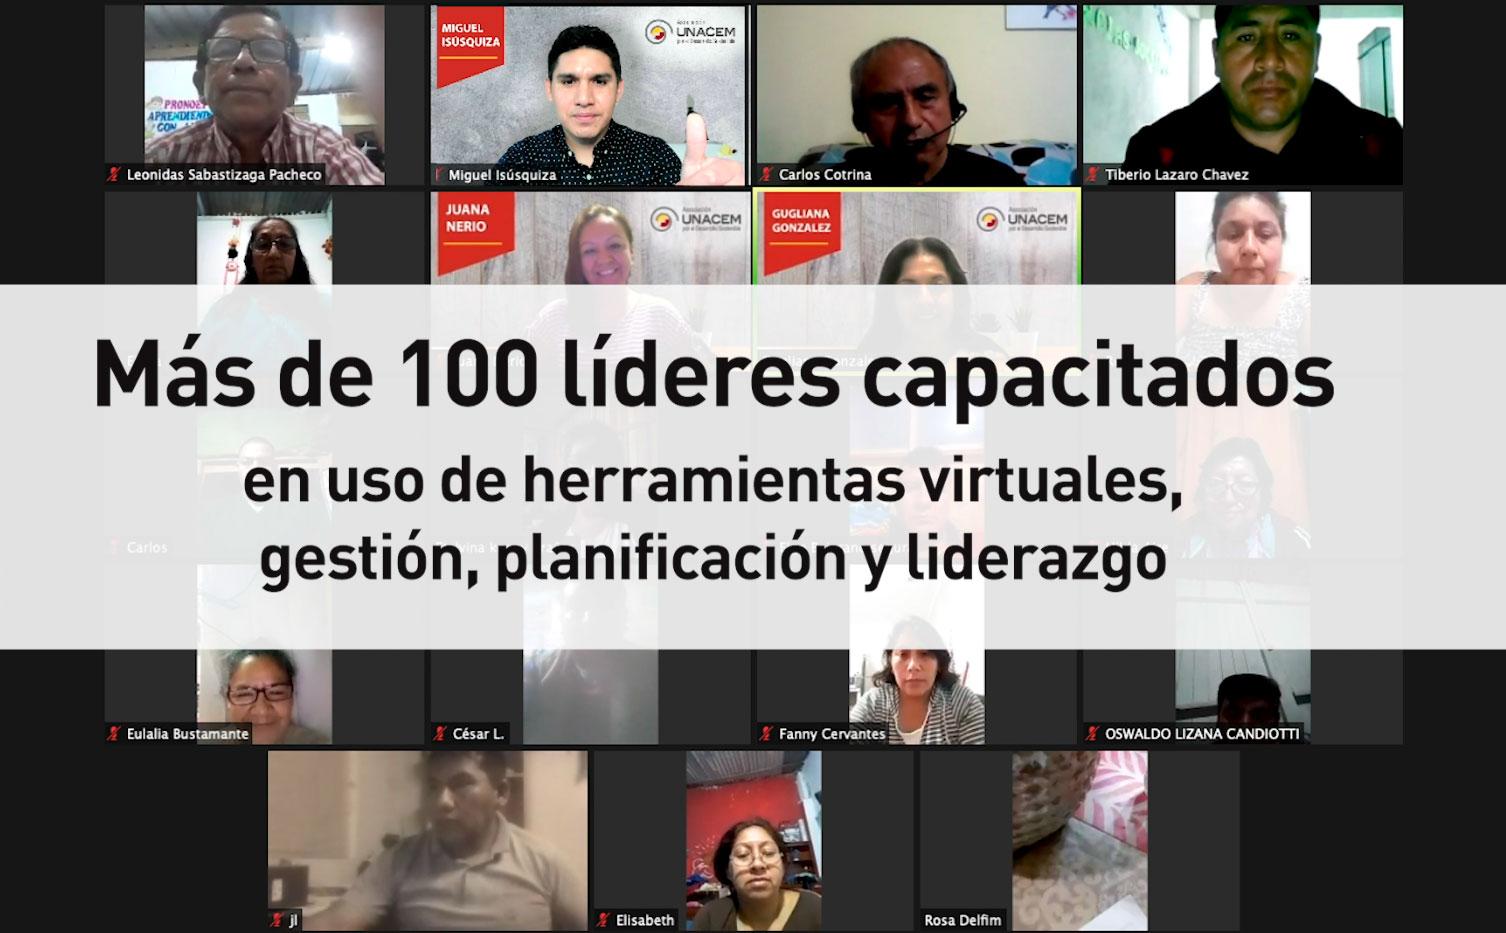 Más de 100 líderes comunitarios son capacitados de manera virtual - Asociación UNACEM